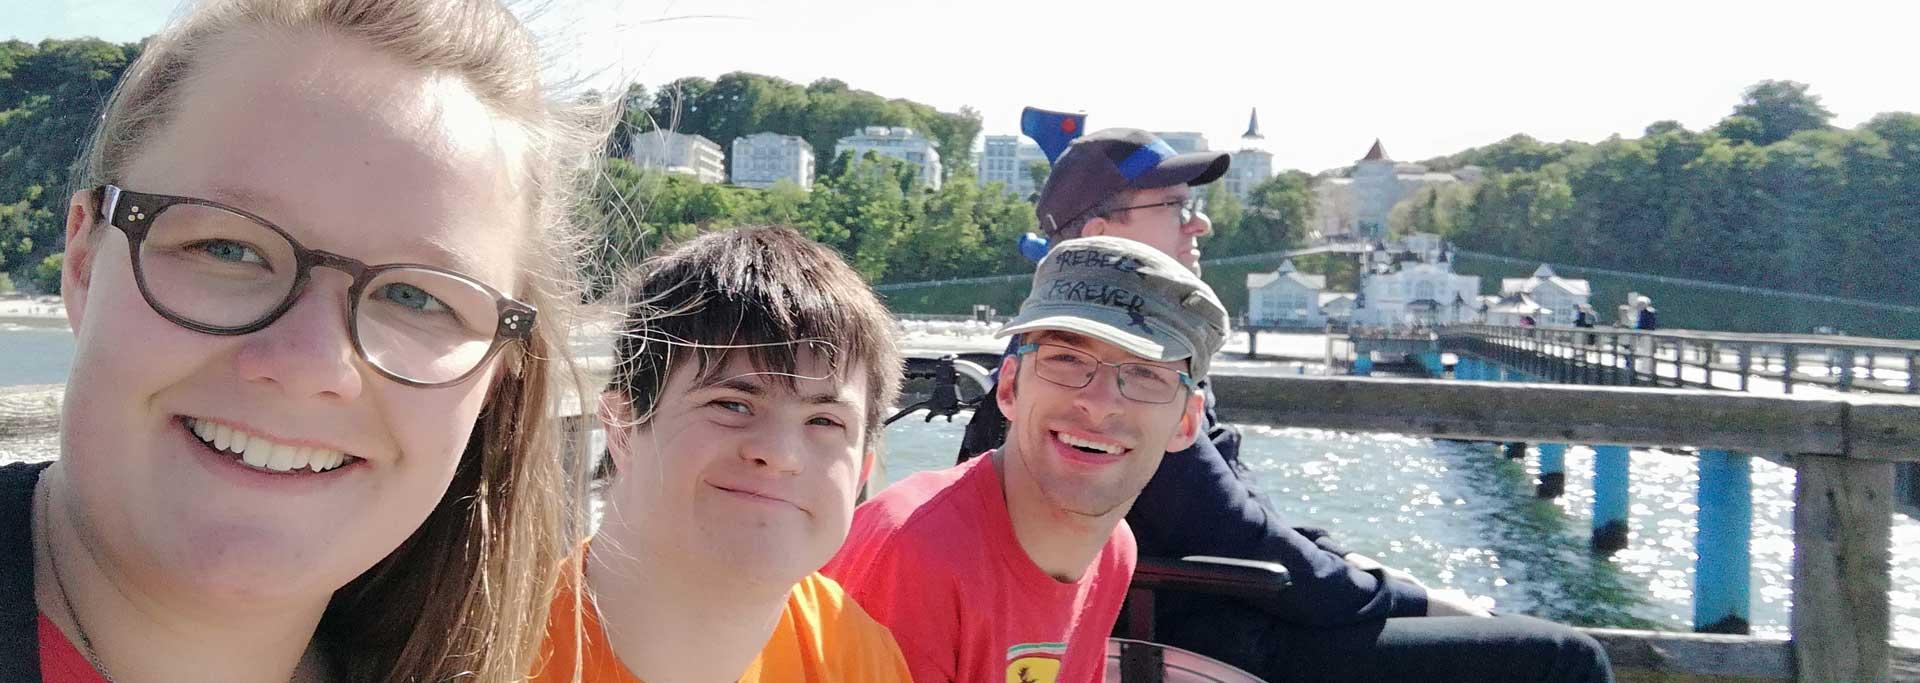 Reisen für Behinderte - Erwachsene Geistige Behinderung - Seebrücke